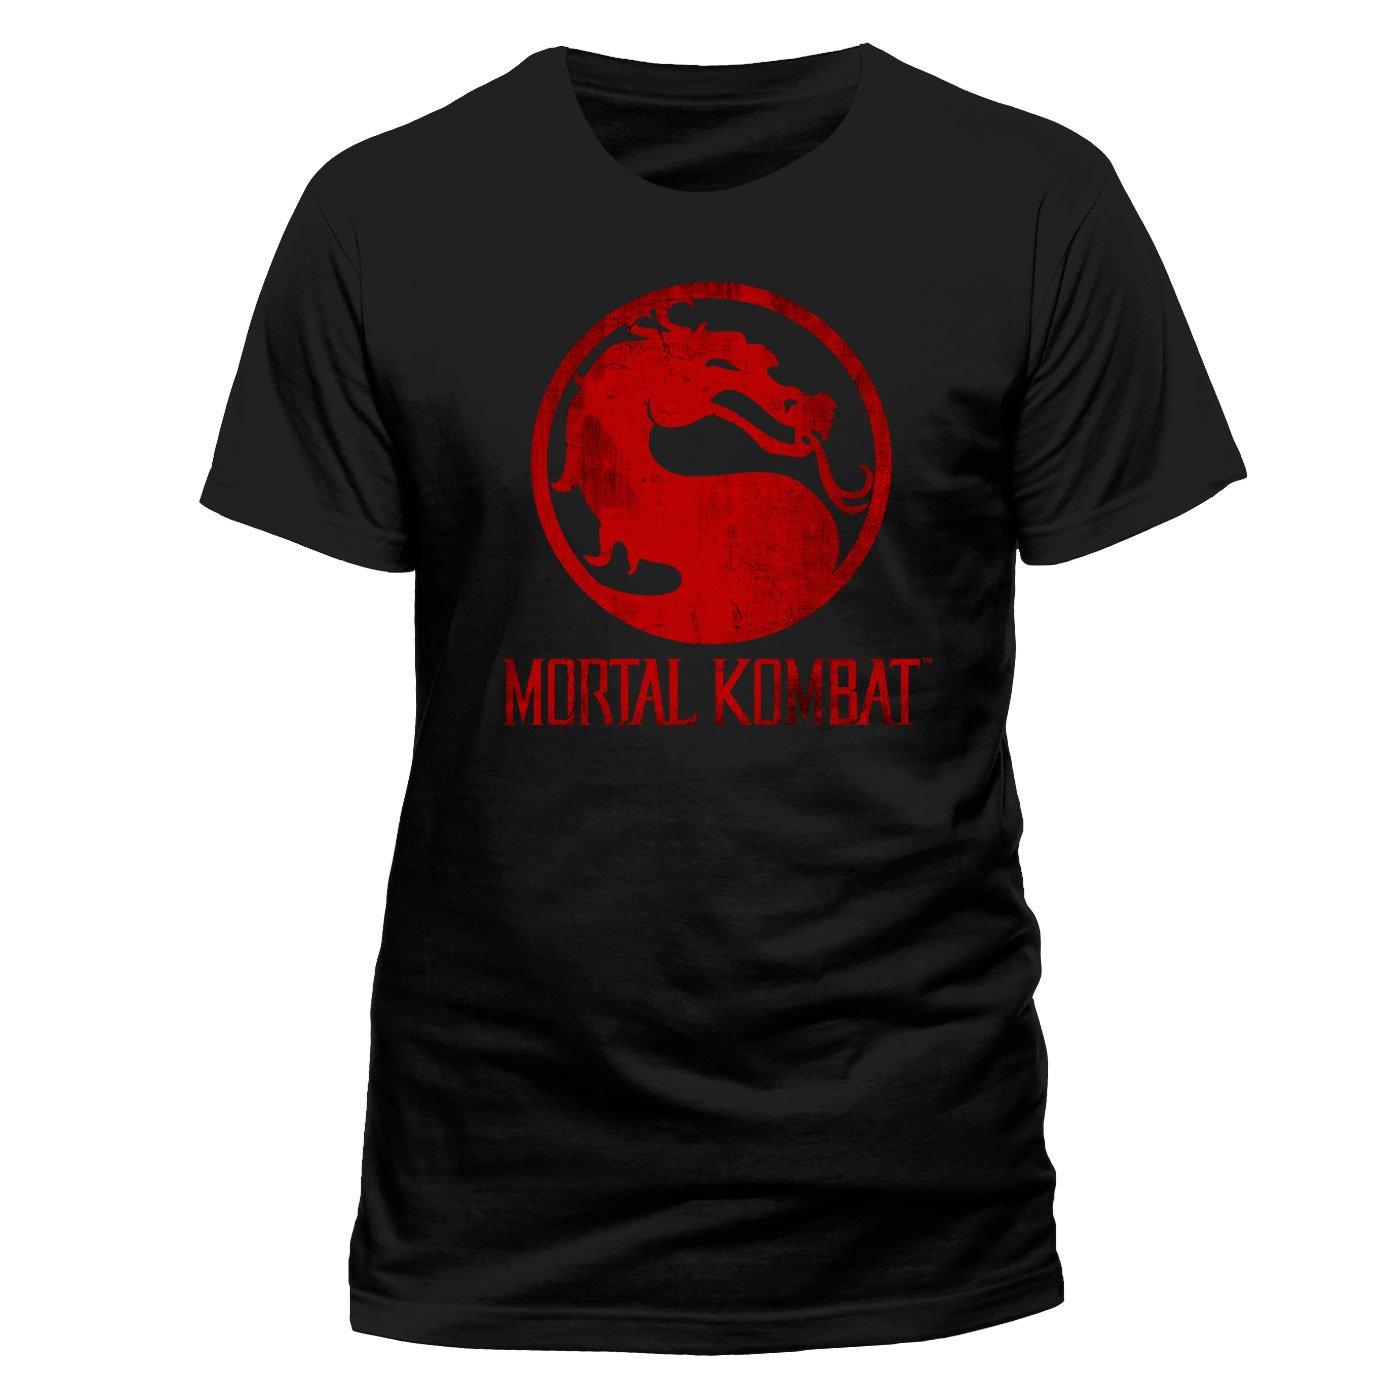 Mortal Kombat T-Shirt Distressed Logo Size XXL